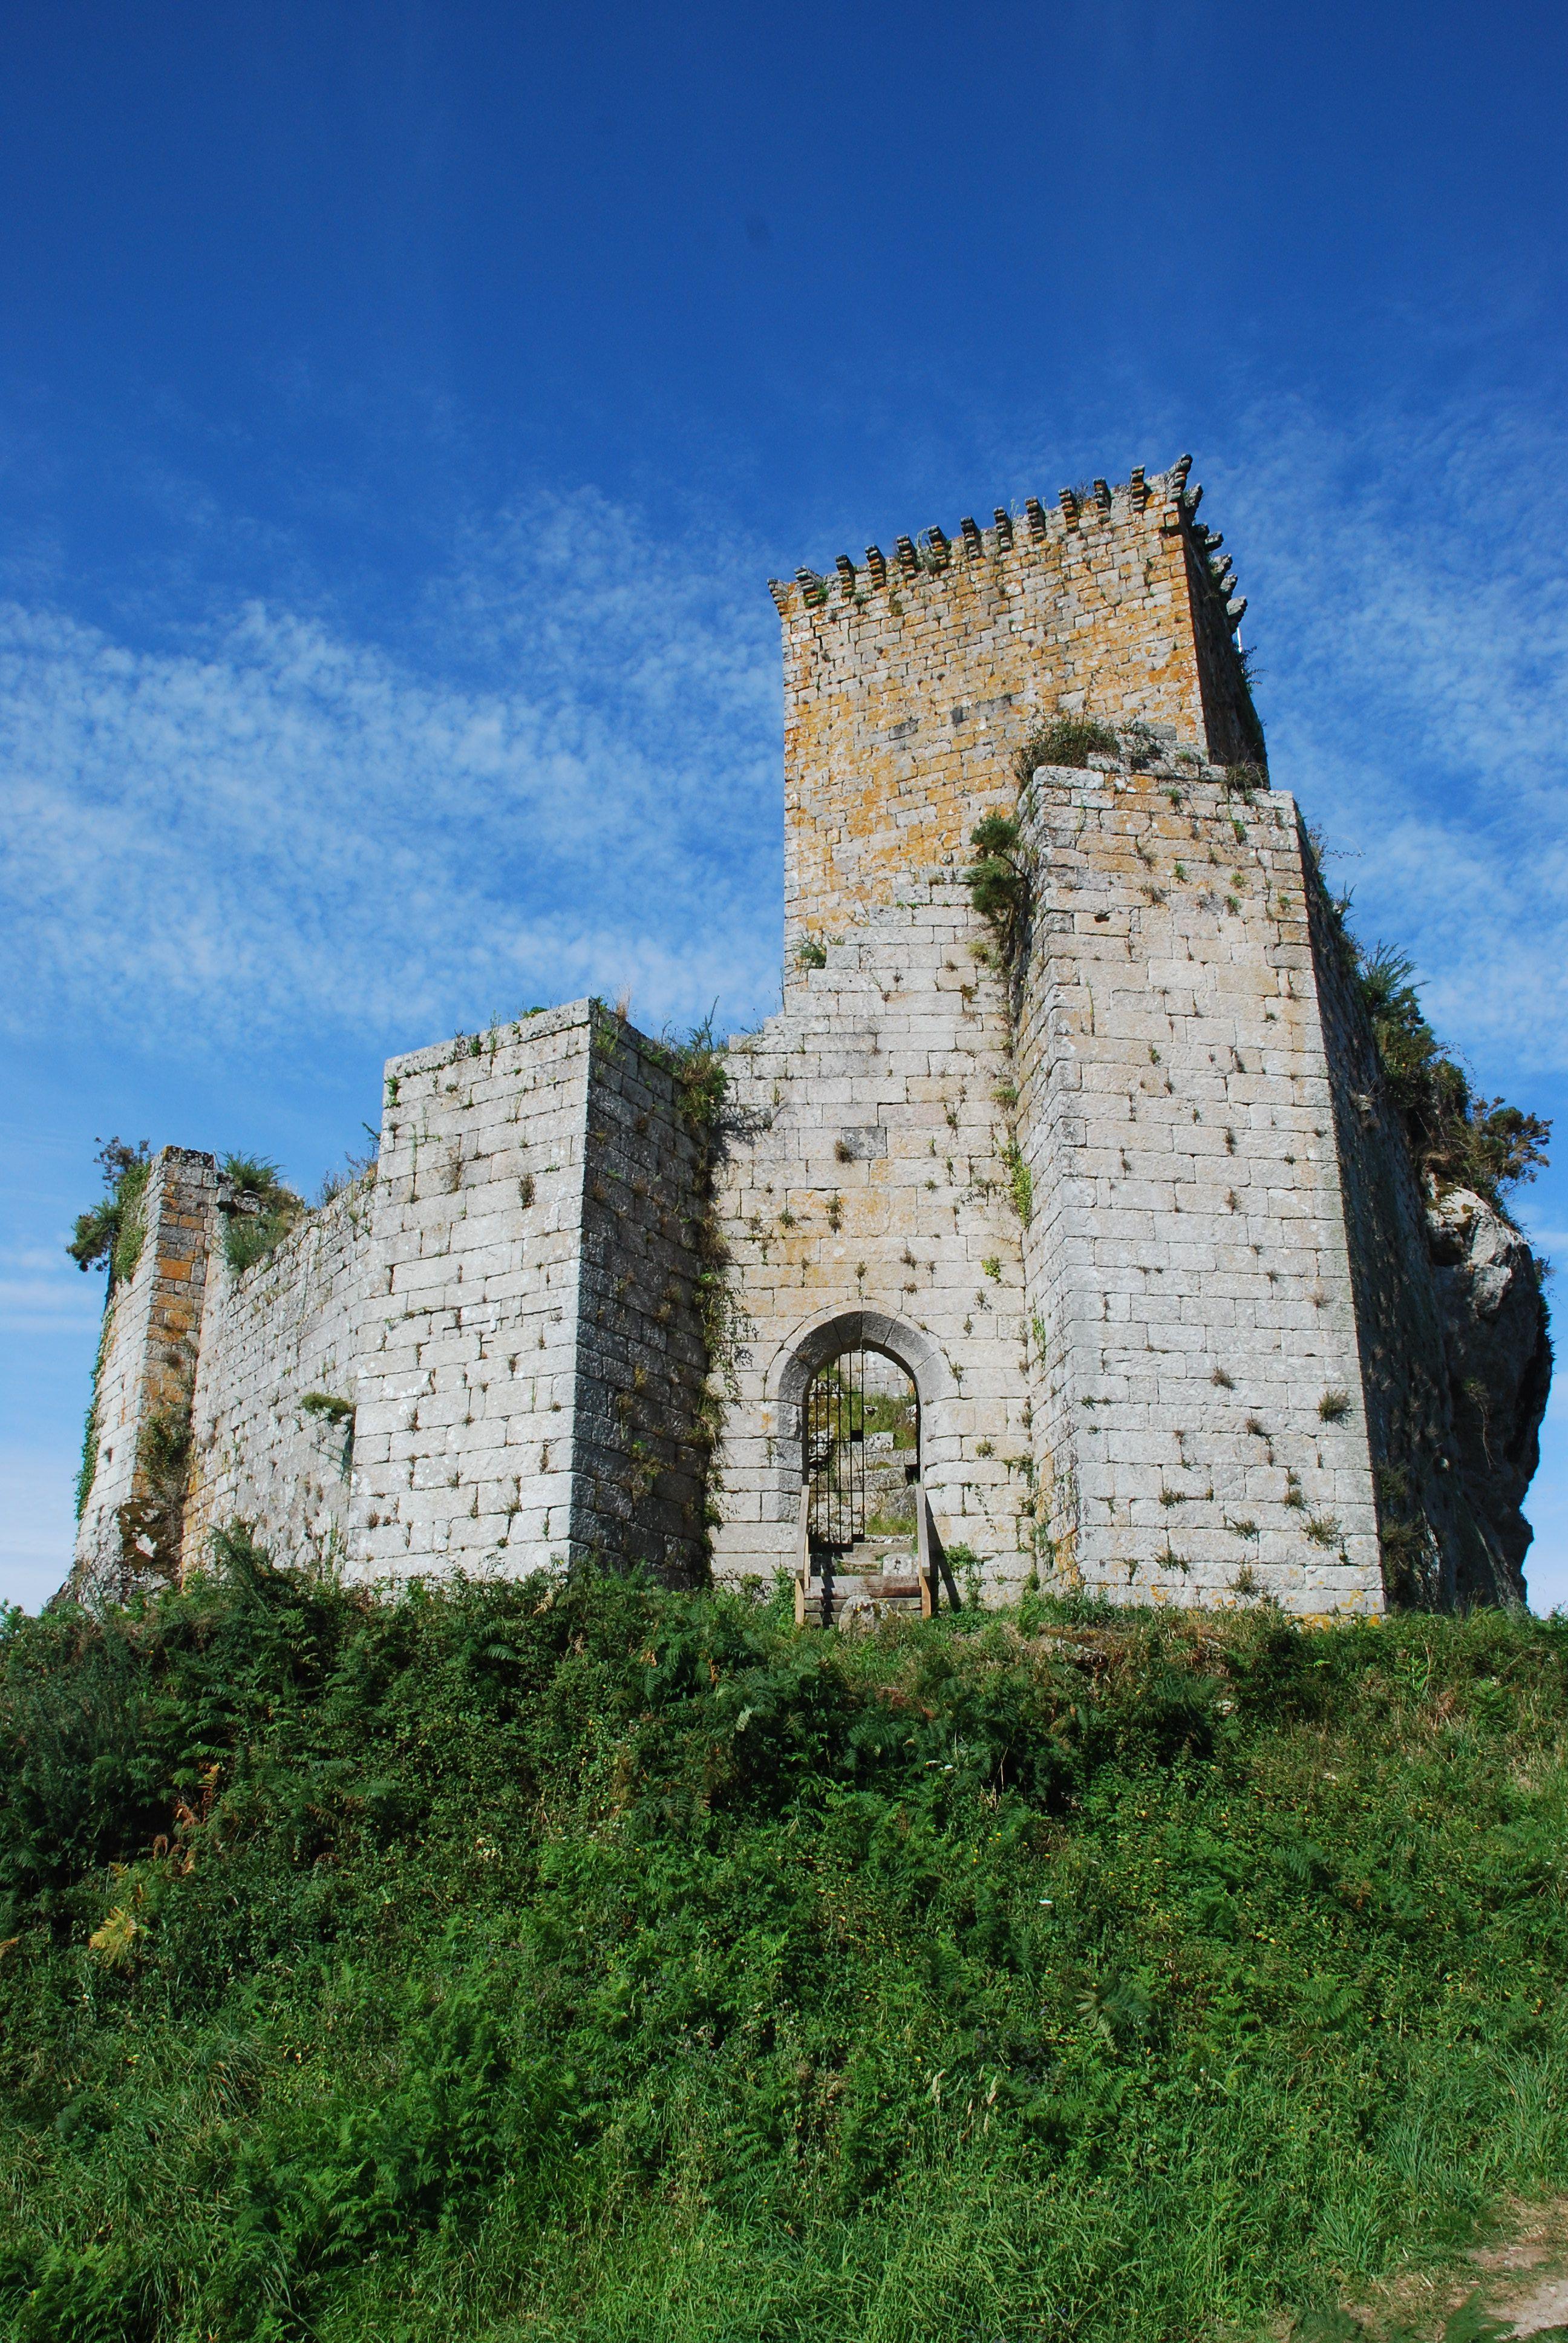 Castello in galizia spagna